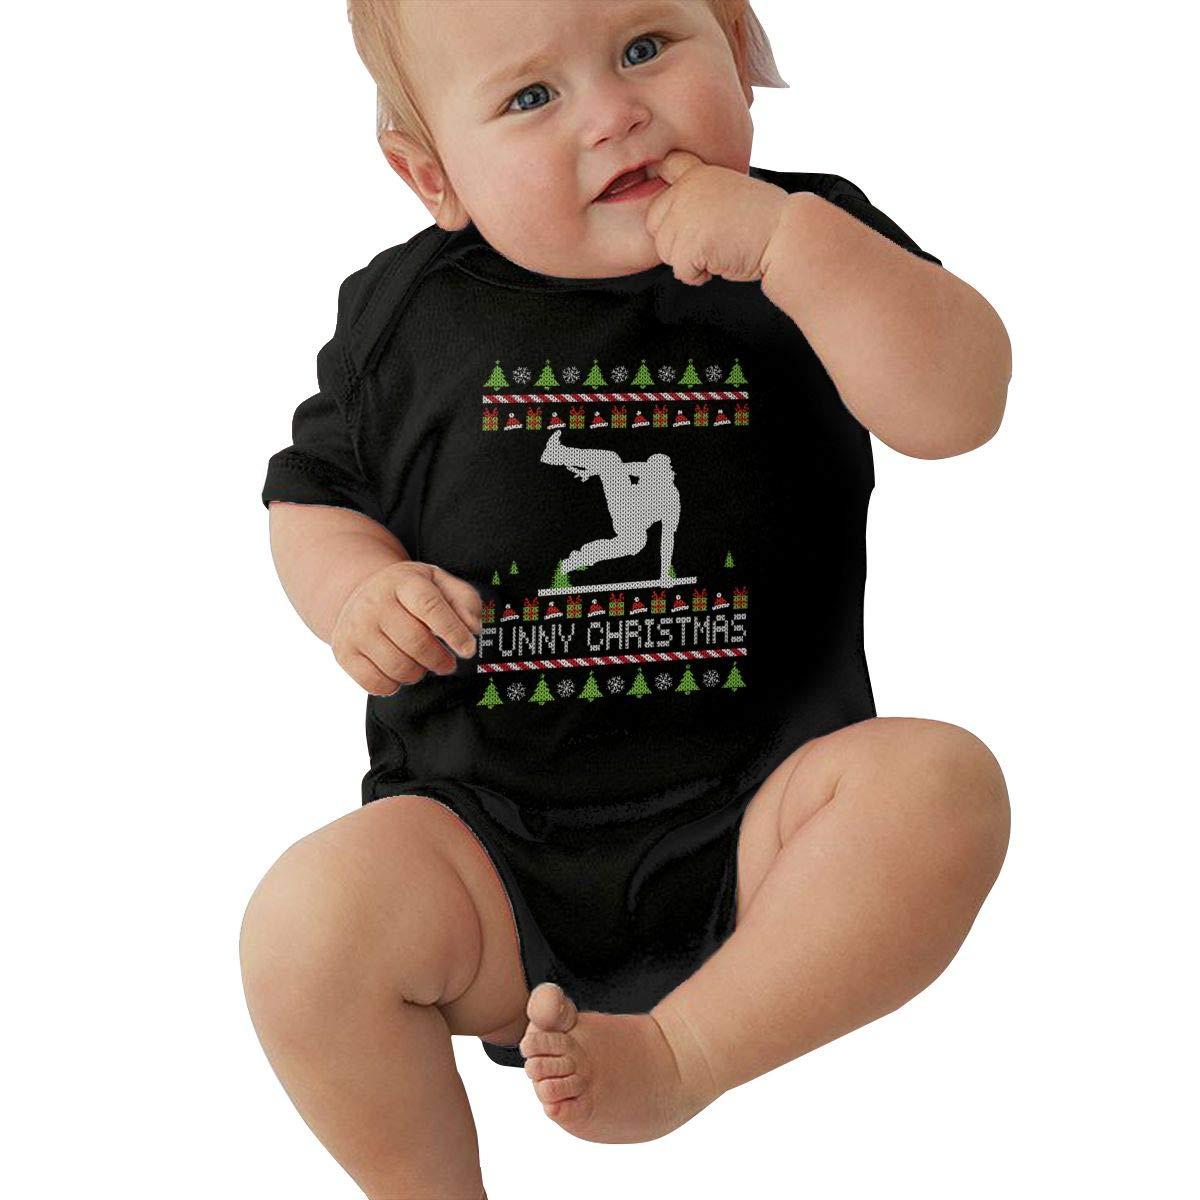 JJKKFG-H Parkour Mooving Funny Christmas Printed Summer Baby Infant Girls /& Oys Short Sleeve Romper Jumpsuit Bodysuit Shirt